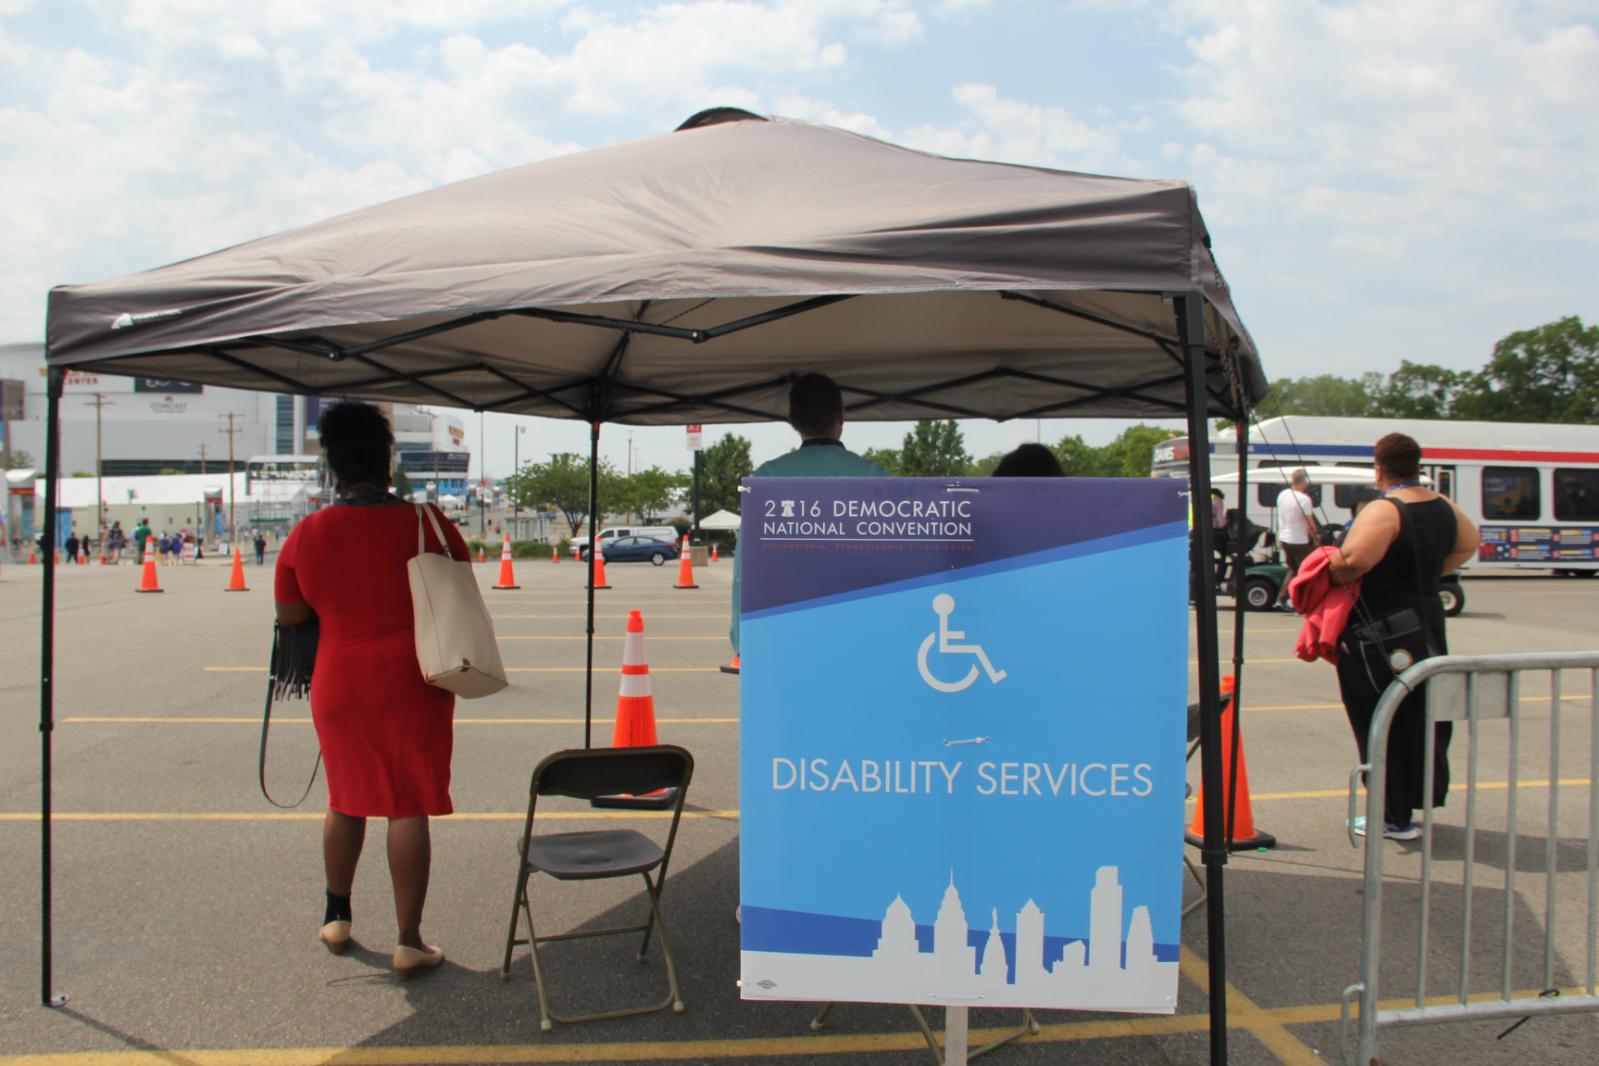 DNC's disablities assistance upset some delegates